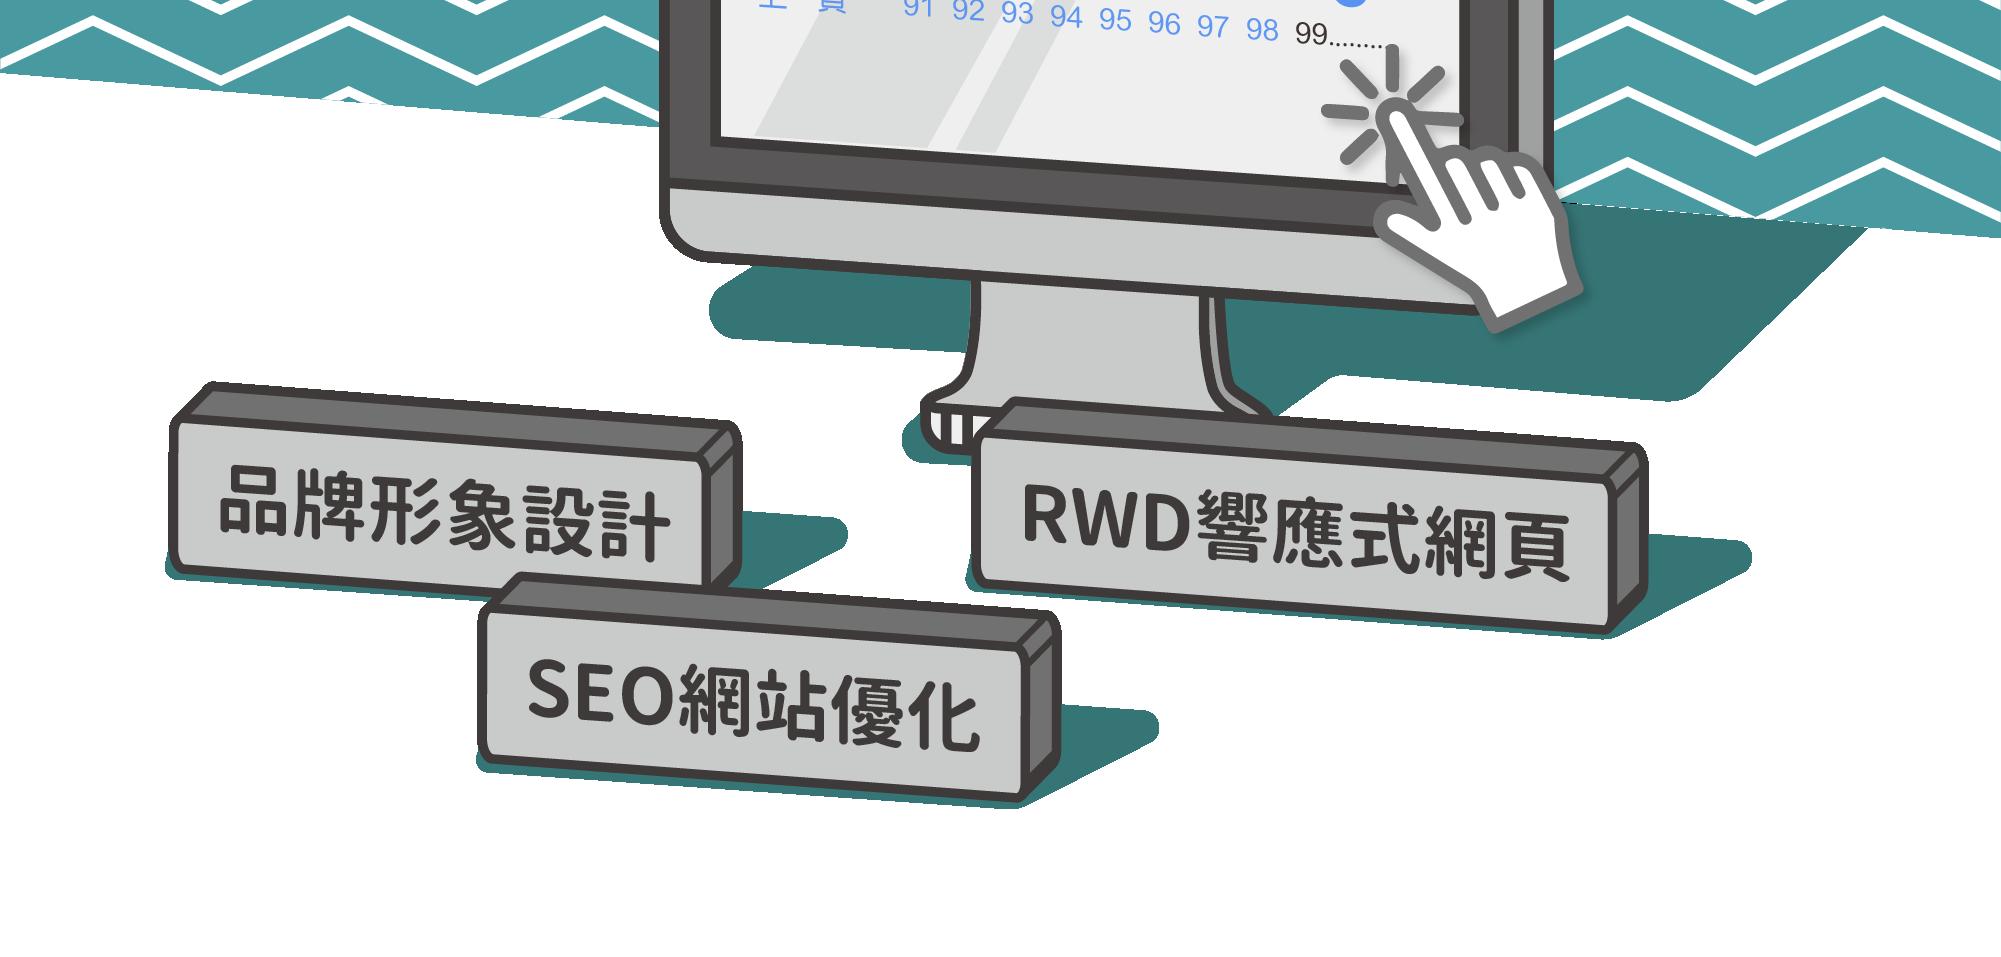 帶著平板去談生意吧!OBASSO幫你做網站設計